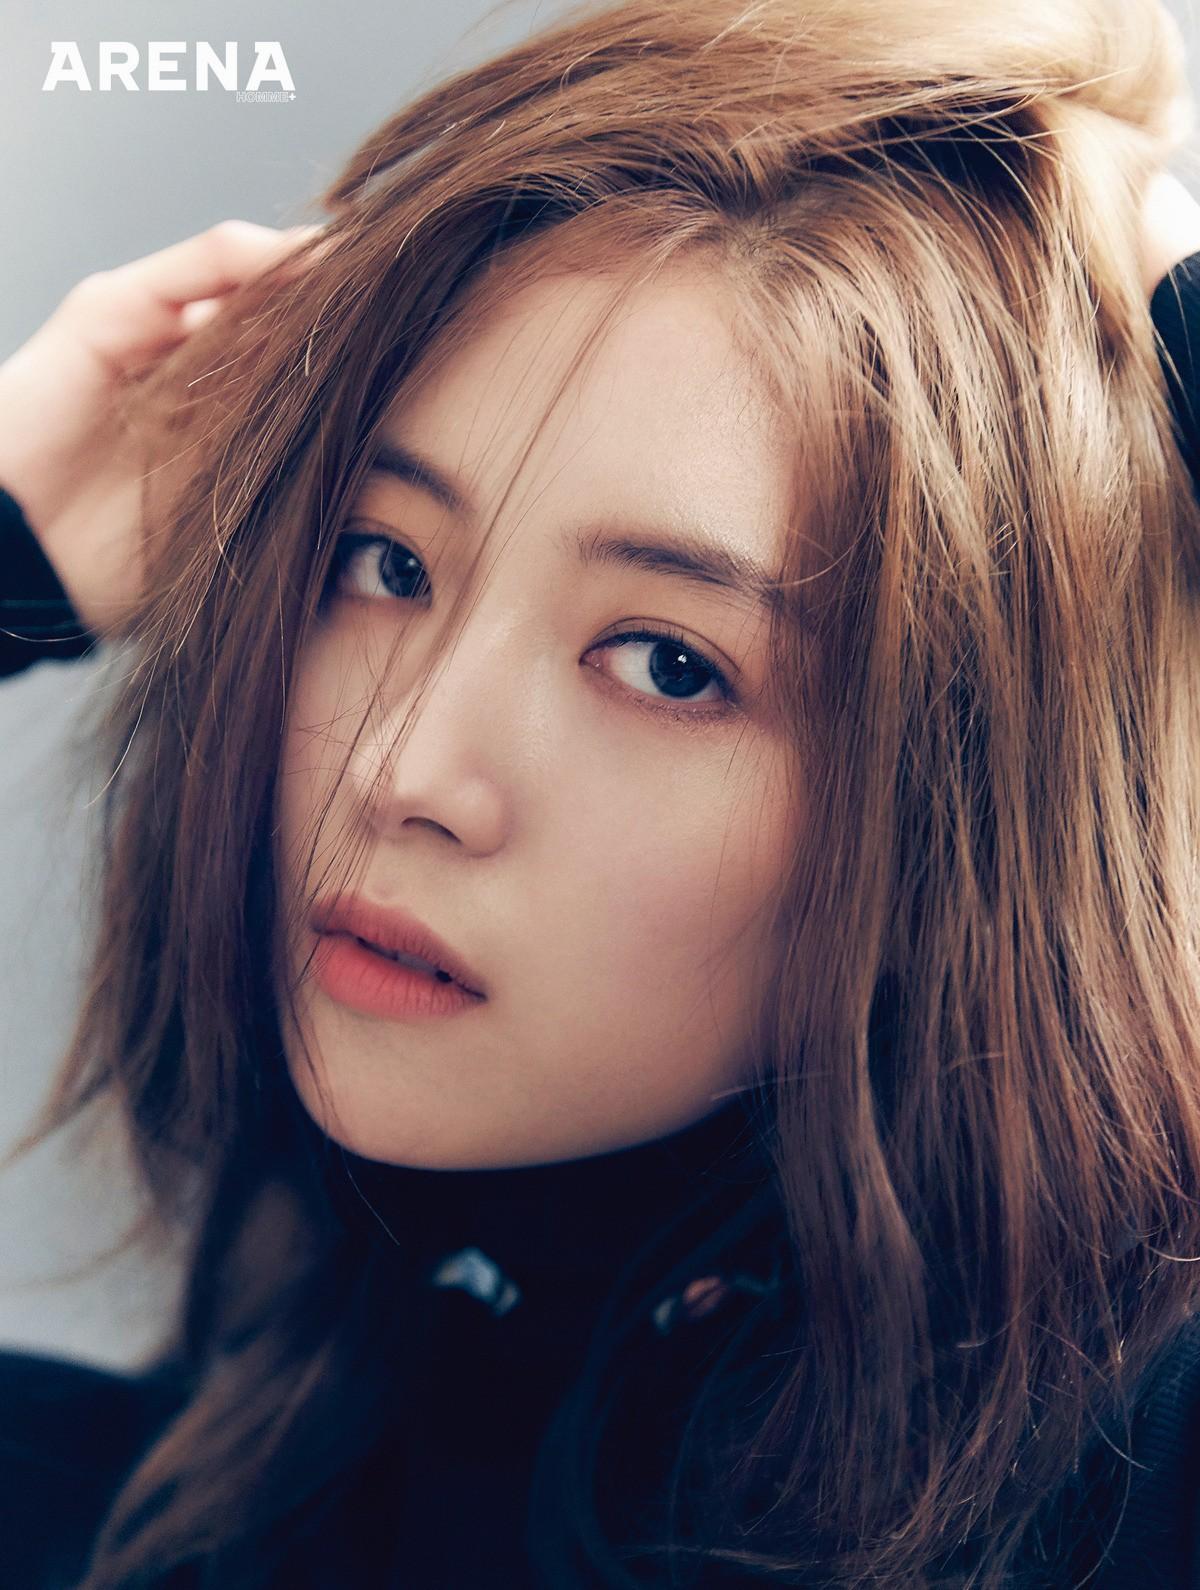 Sao nhí Nàng Dae Jang Geum lột xác thành cương thi Hoa du ký: Đẹp khó tin, hát hay lại còn nhảy không kém idol - Ảnh 8.